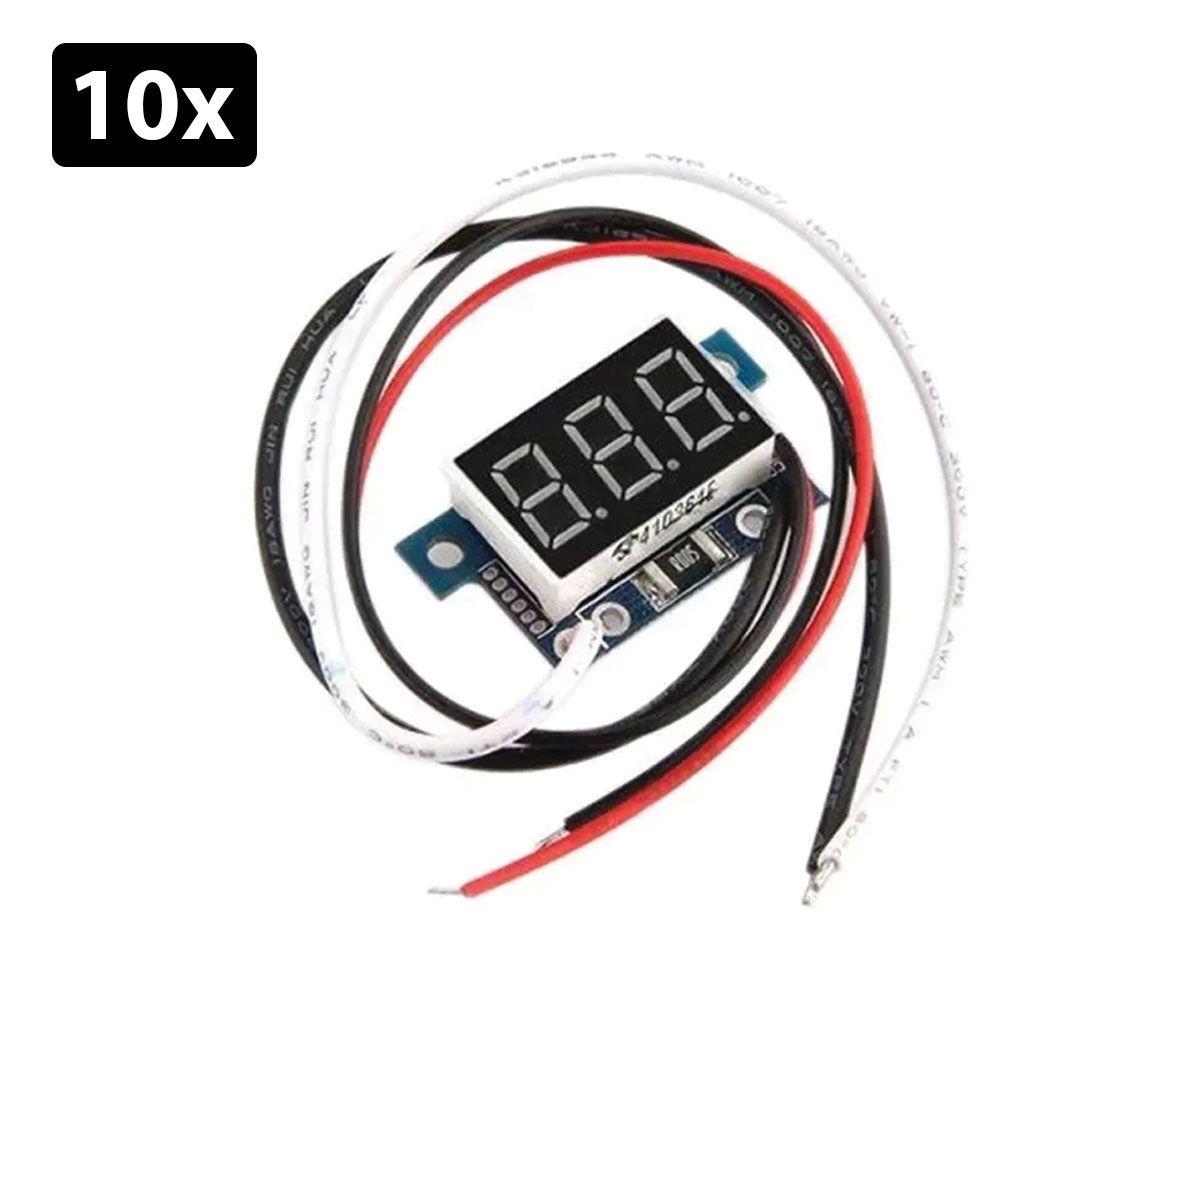 Kit com 10x Mini Amperímetro Digital 0 a 5A com Display Indicador Vermelho